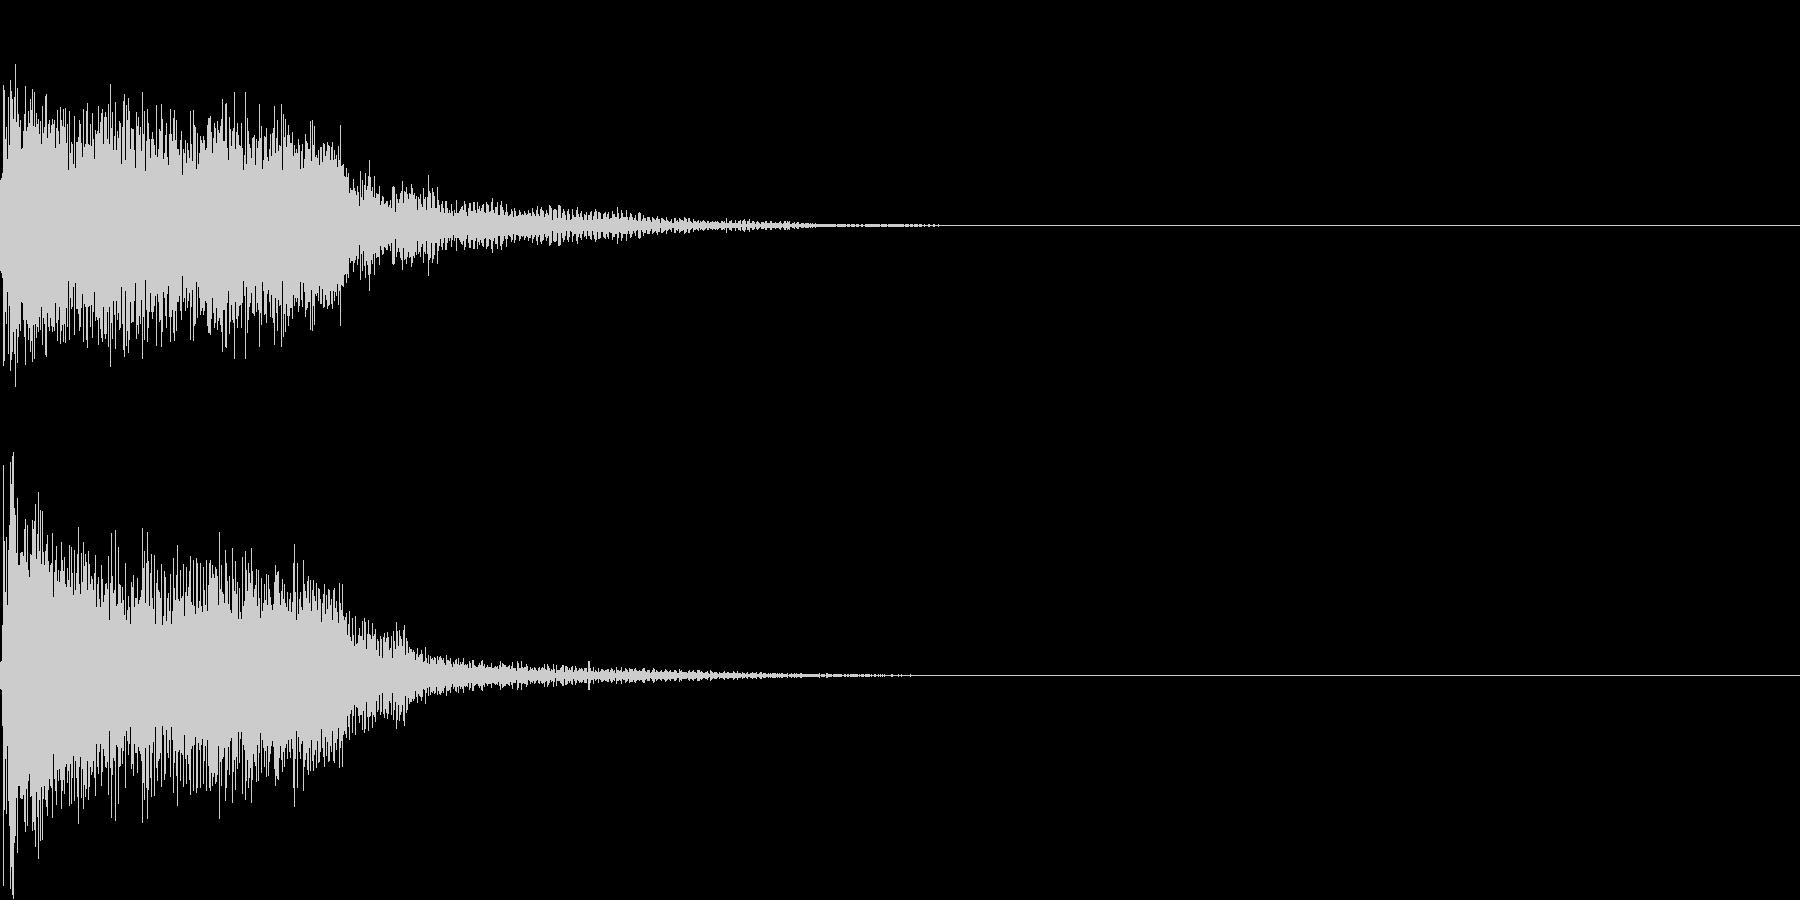 衝撃 金属音 恐怖 震撼 ホラー 11の未再生の波形